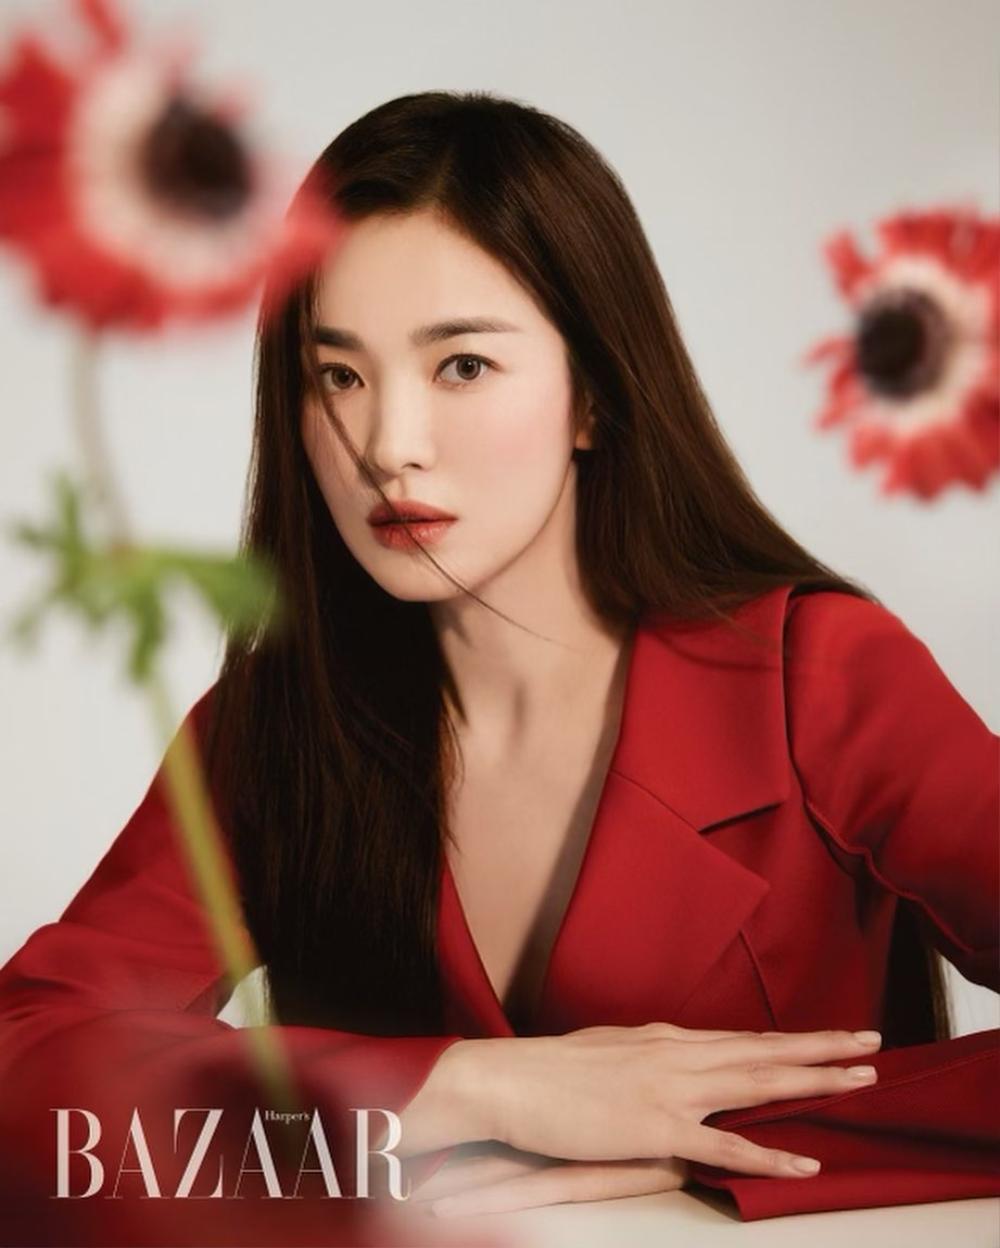 'Vợ chồng' Song Hye Kyo - Song Joong Ki đọ sắc: 'Em không là nàng thơ, anh cũng không là nhạc sĩ mộng mơ' Ảnh 6